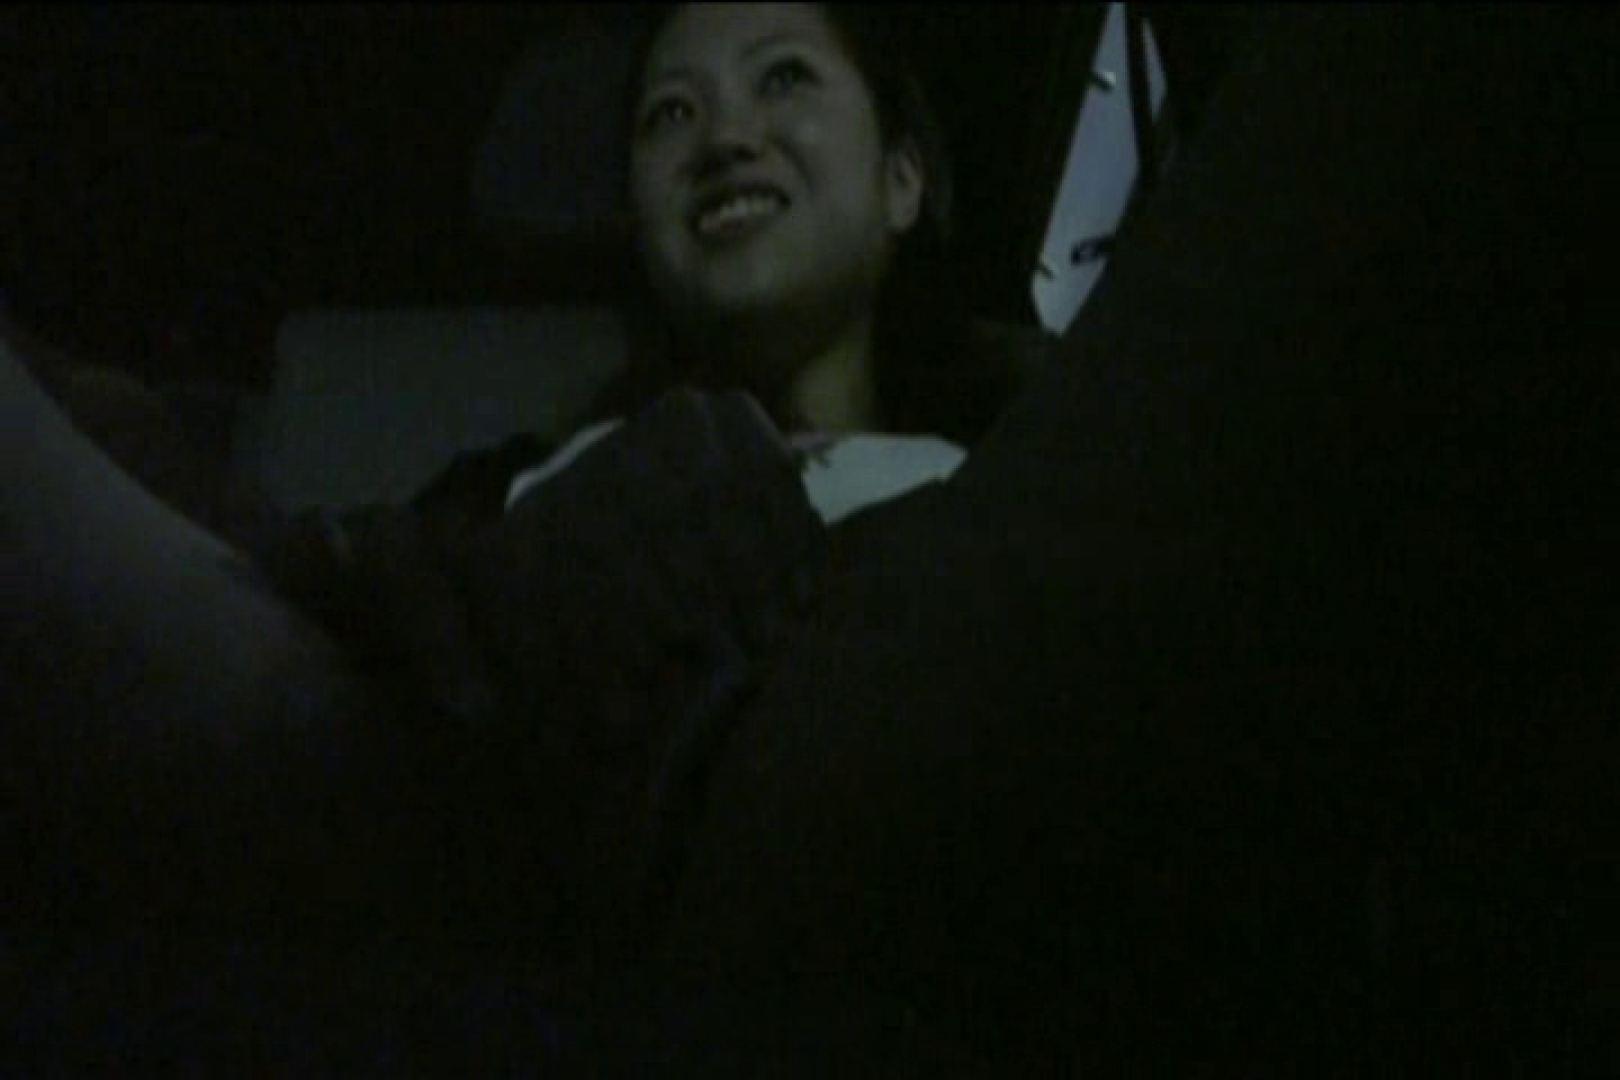 車内で初めまして! vol01 出会い系 えろ無修正画像 102PIX 101